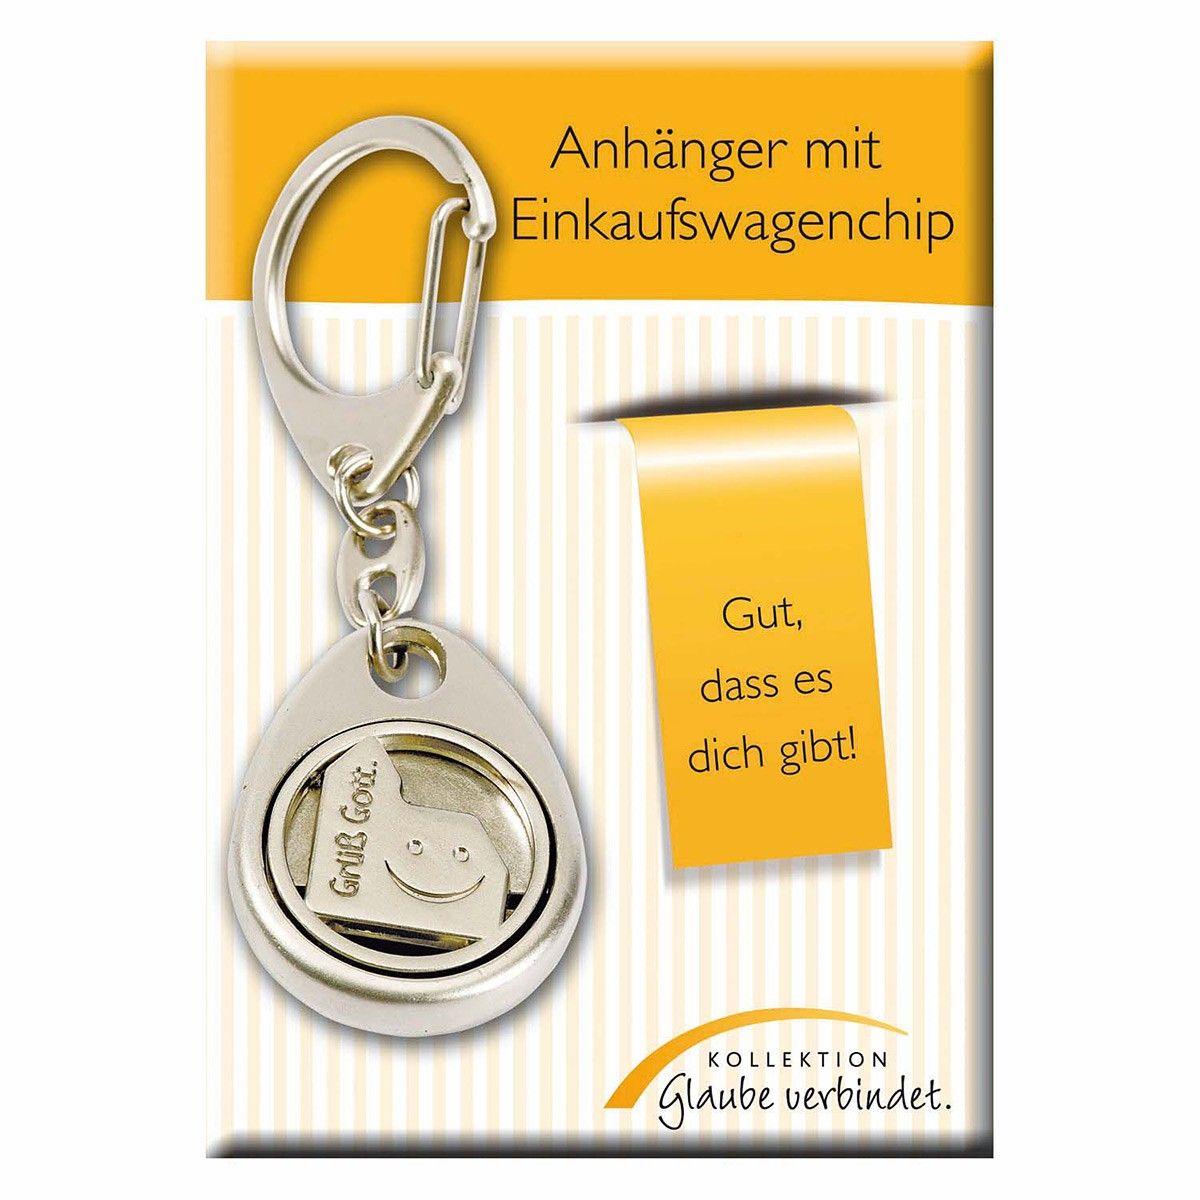 Schlüsselanhänger mit #Einkaufswagenchip der mit dem Motiv einer lachendenden #Kirche und der Aufschrift Grüß #Gott verziert ist ...